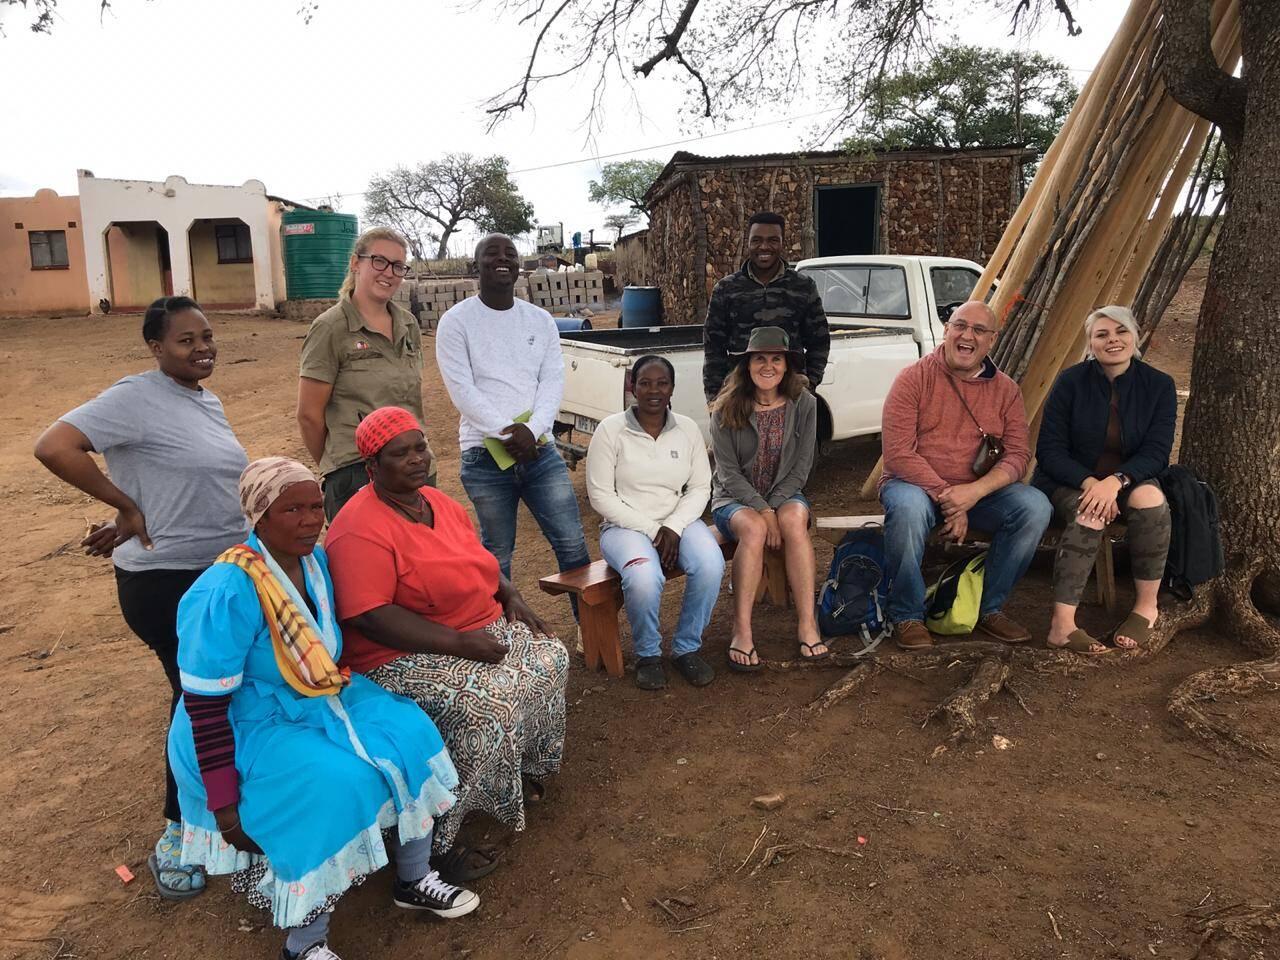 Meet our locals in unique community experiences